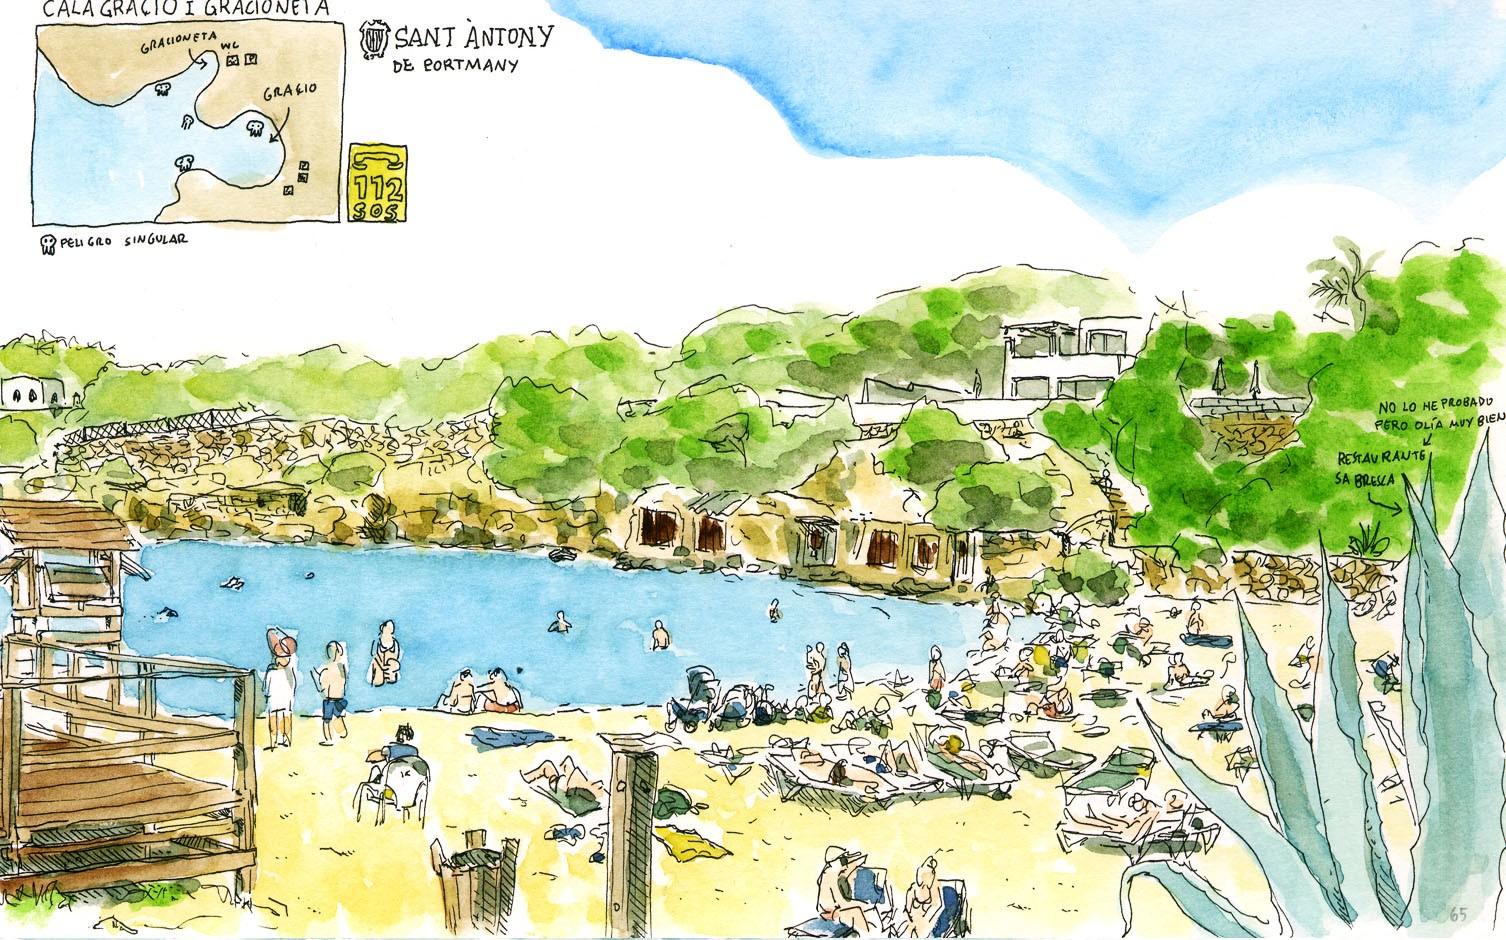 Ilustración de la playa de Sant Antoni Cala Gracioneta en la isla de Ibiza, Baleares, España